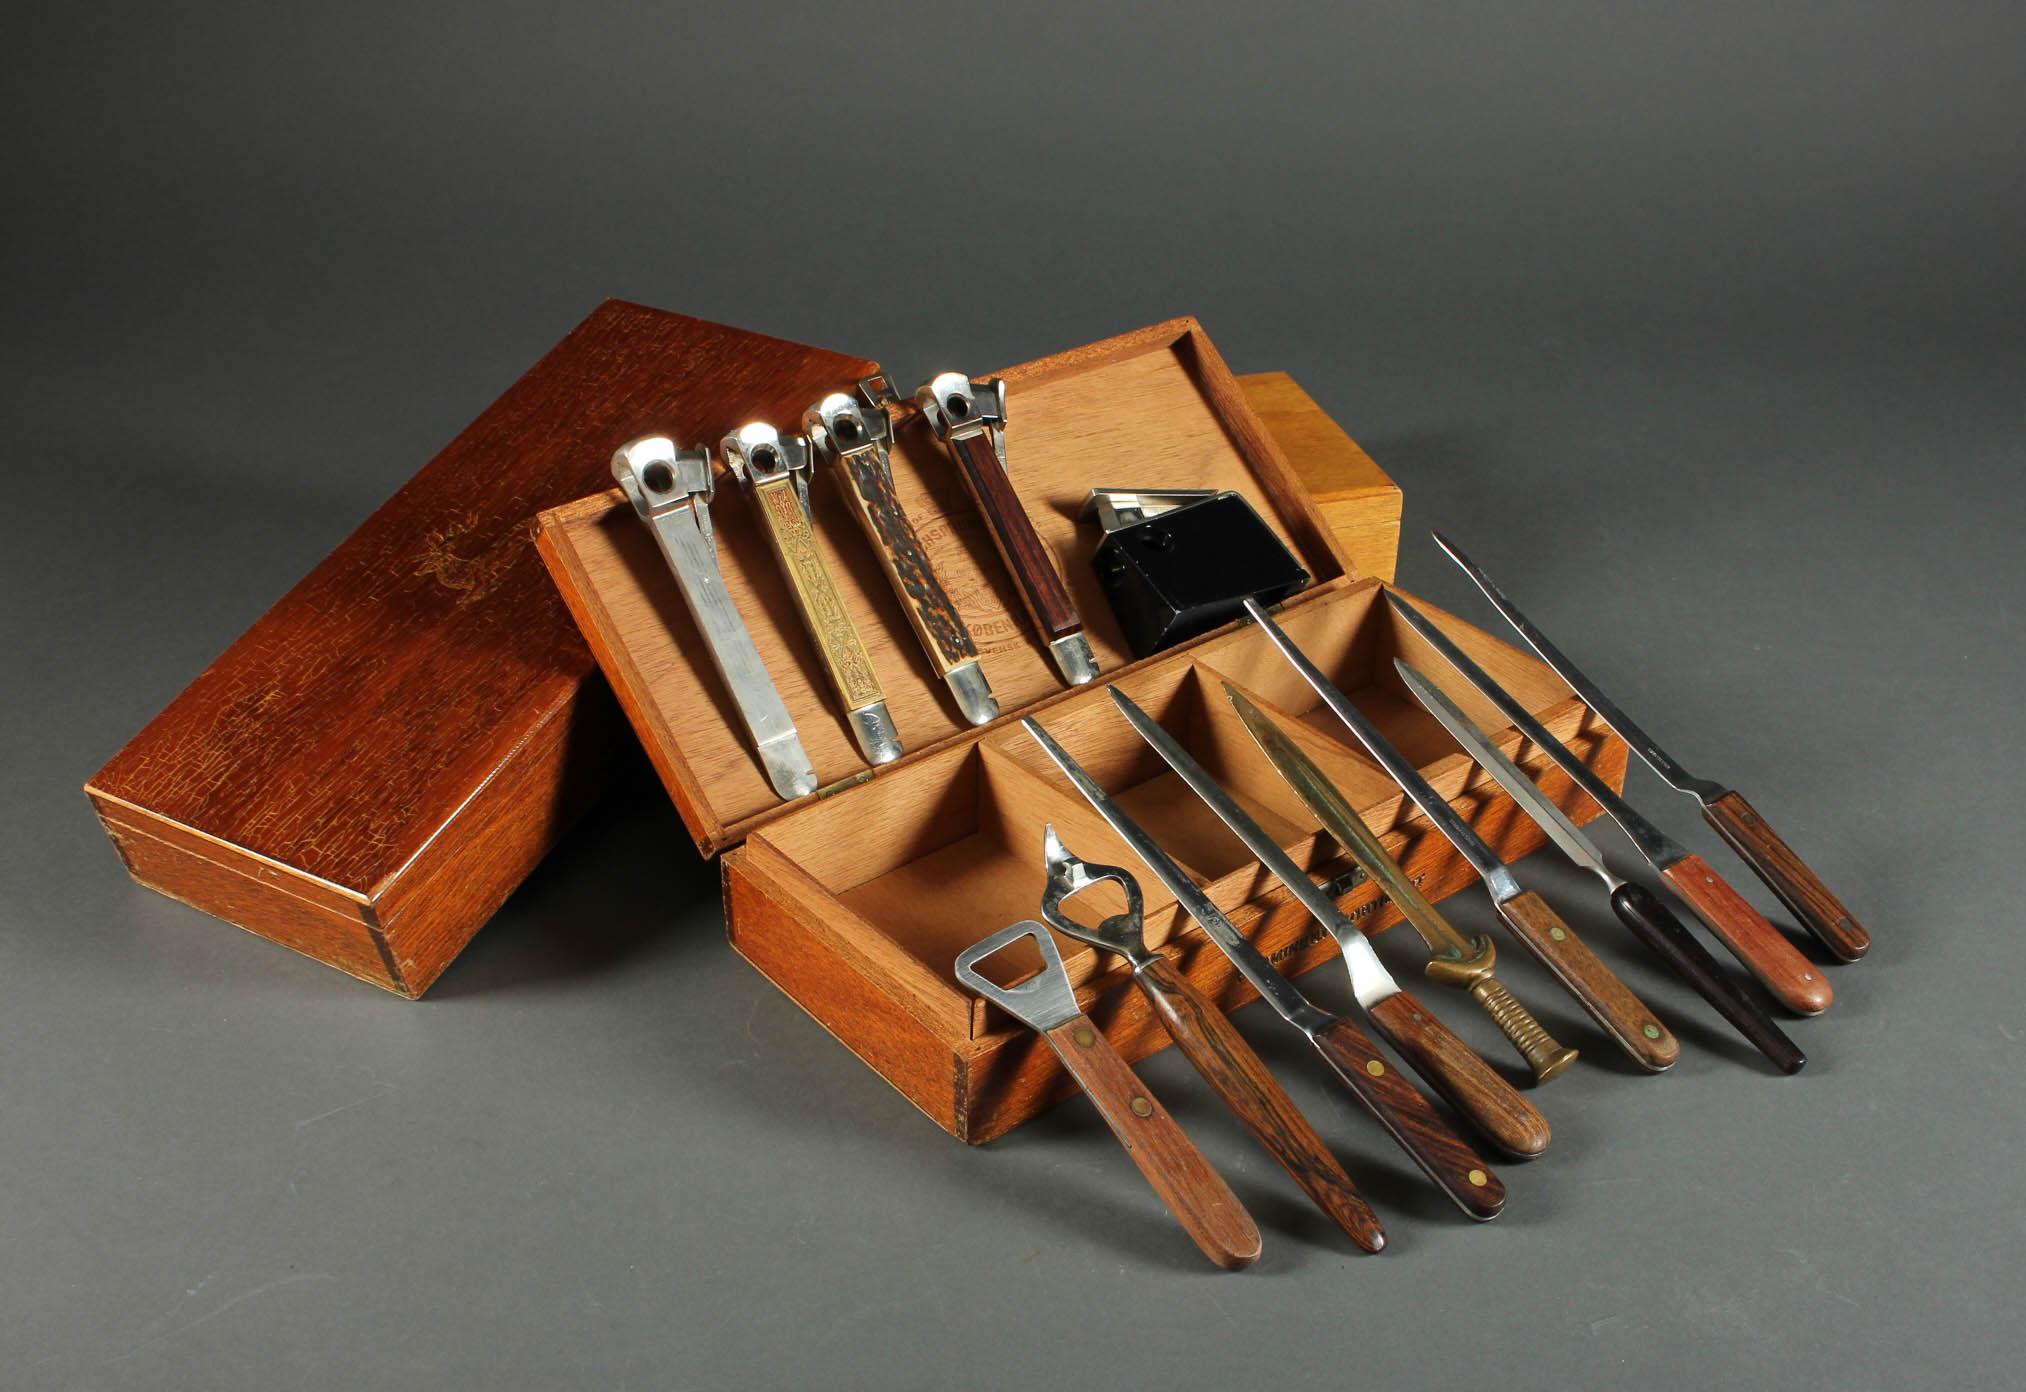 Cigaræsker samt brevknive - Cigaræsker af lakeret træ med cigarklippere samt seks brevknive med skæfter af bl.a. palisander, én af messing samt to oplukkere. H. 6 L. 34 B. 15 cm. L. 14 - 25 cm. Fremstår med brugsspor